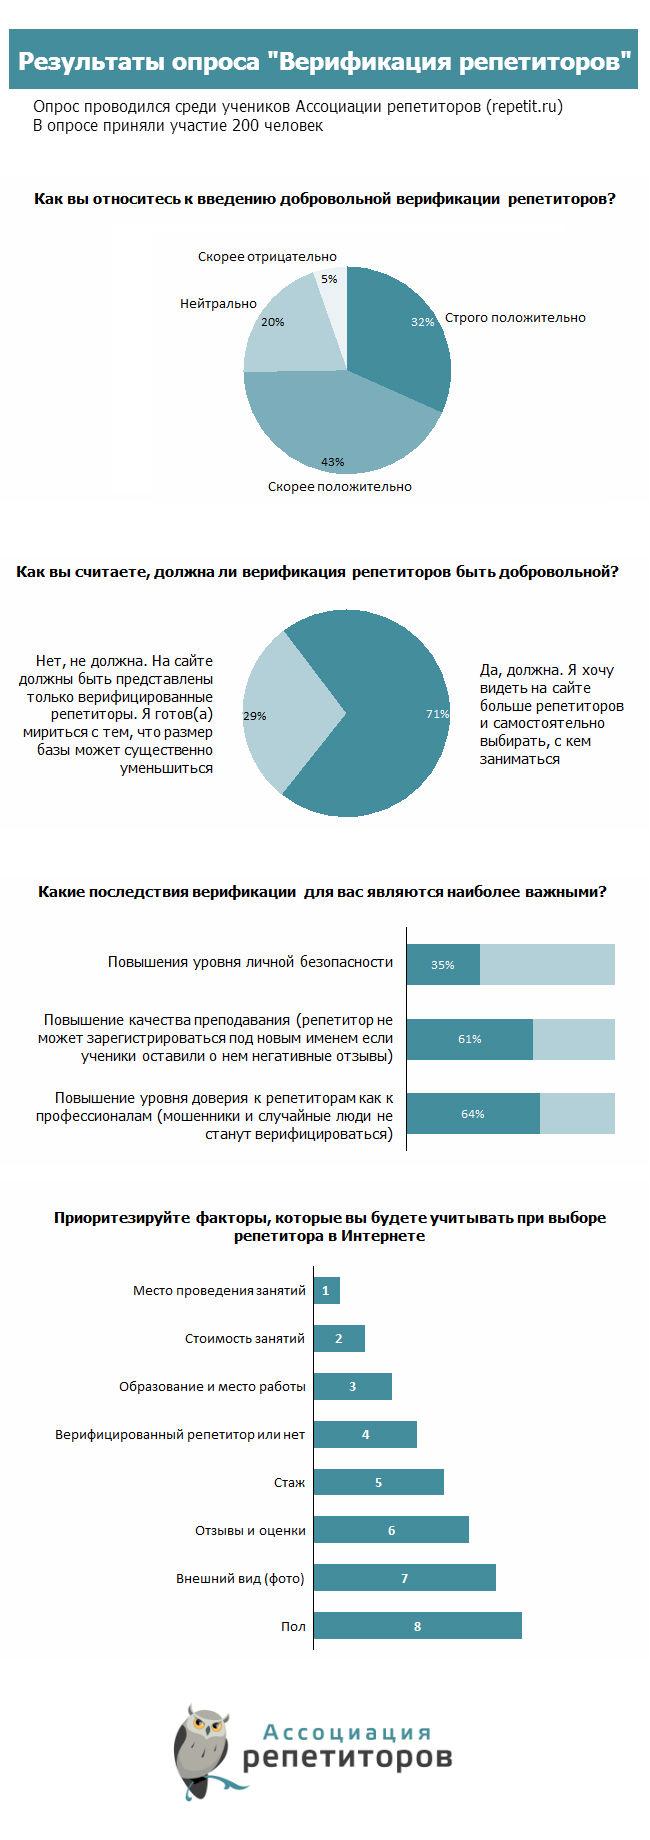 Результаты опроса Верификация